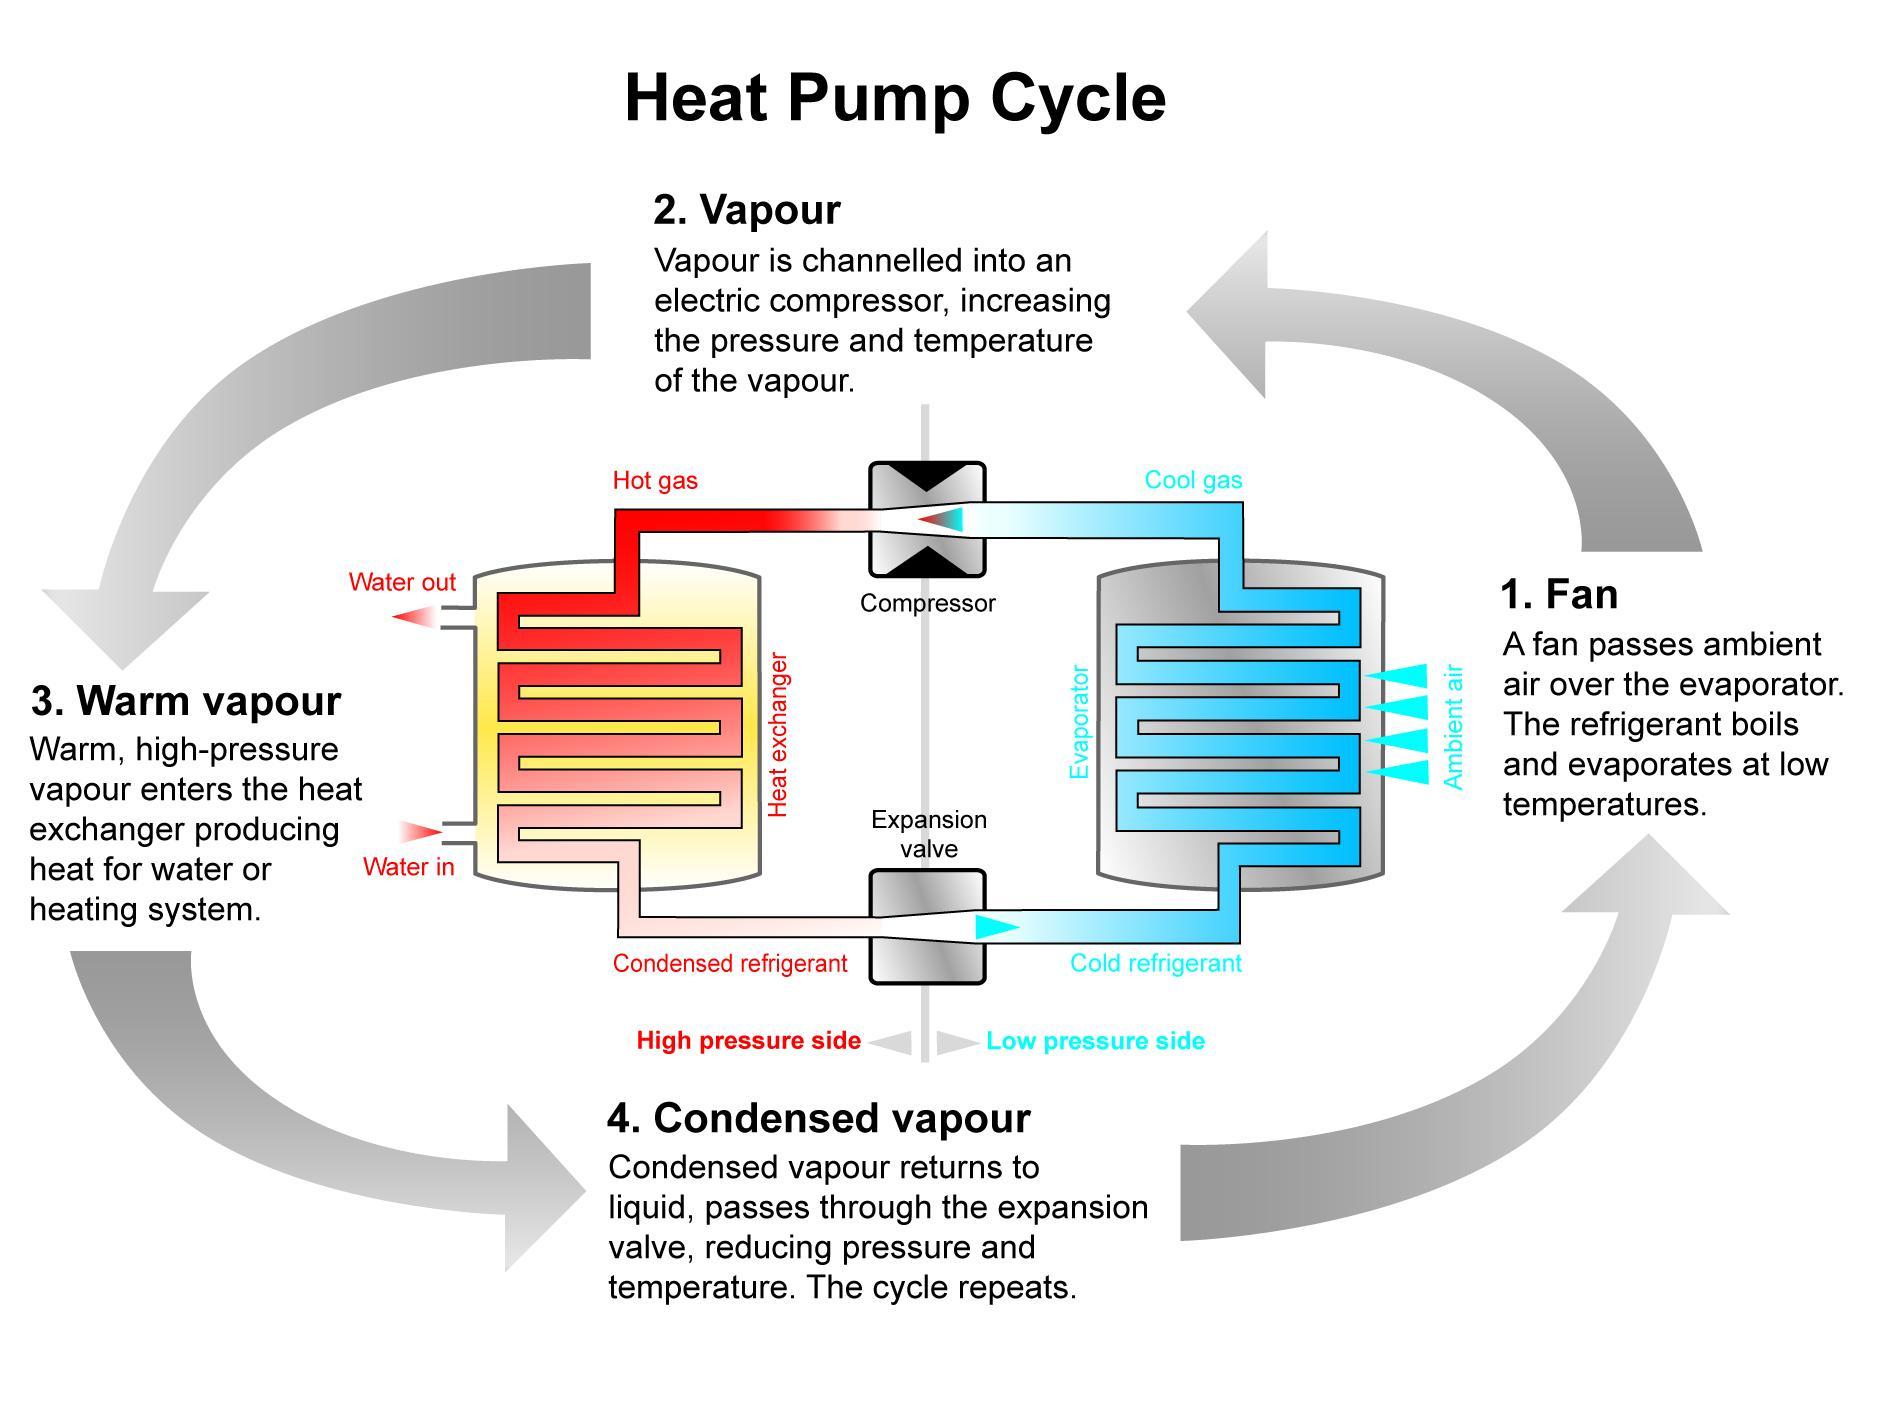 bomba de calor funcionamiento alta eficiencia energetica